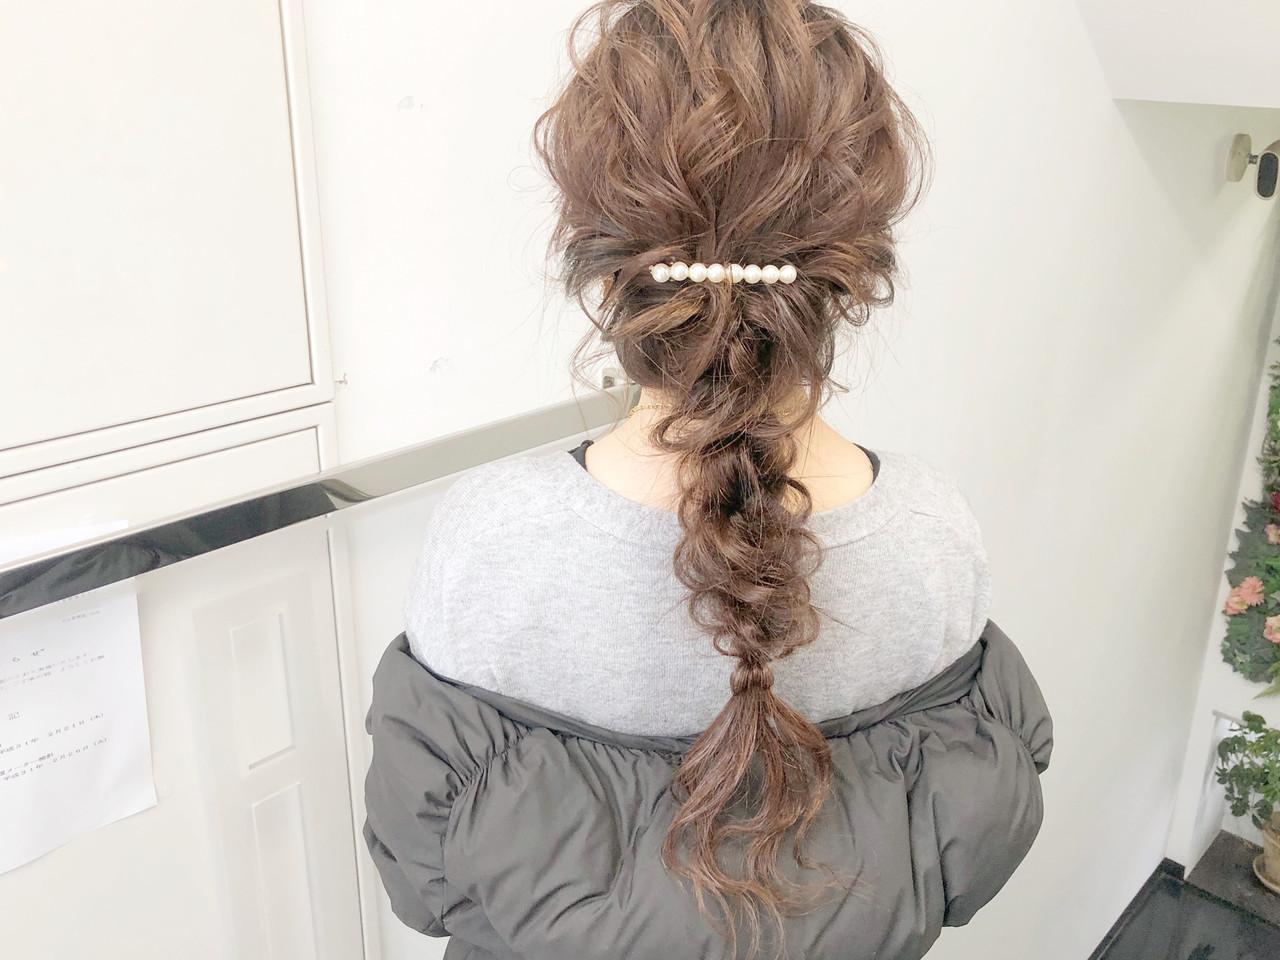 デート アンニュイほつれヘア ヘアアレンジ 簡単ヘアアレンジ ヘアスタイルや髪型の写真・画像 | 『ボブ美容師』永田邦彦 表参道 / send by HAIR